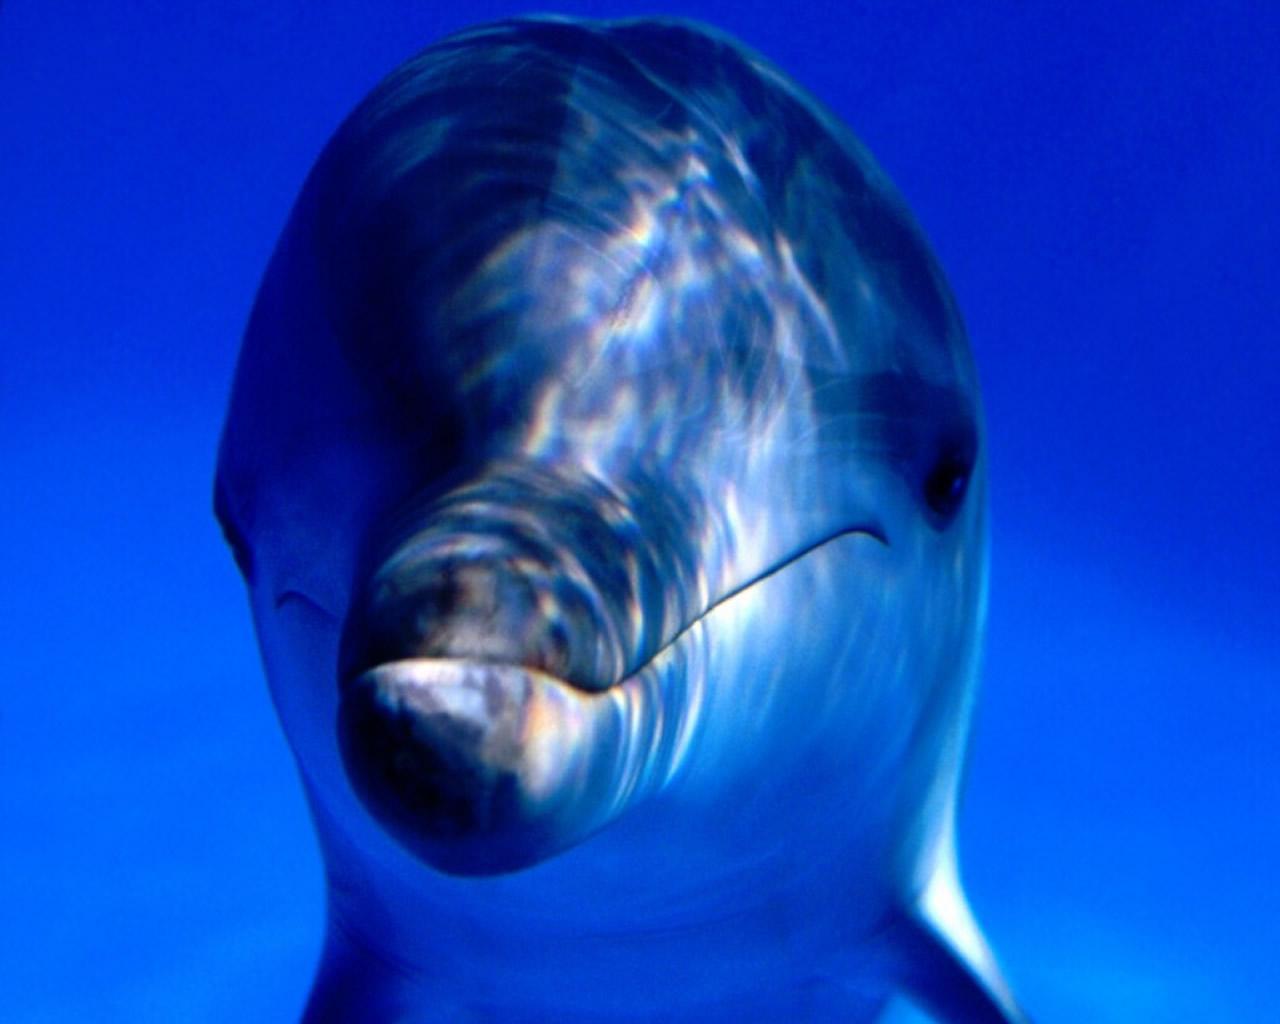 download wallpaper: een dolfijn in zee wallpaper